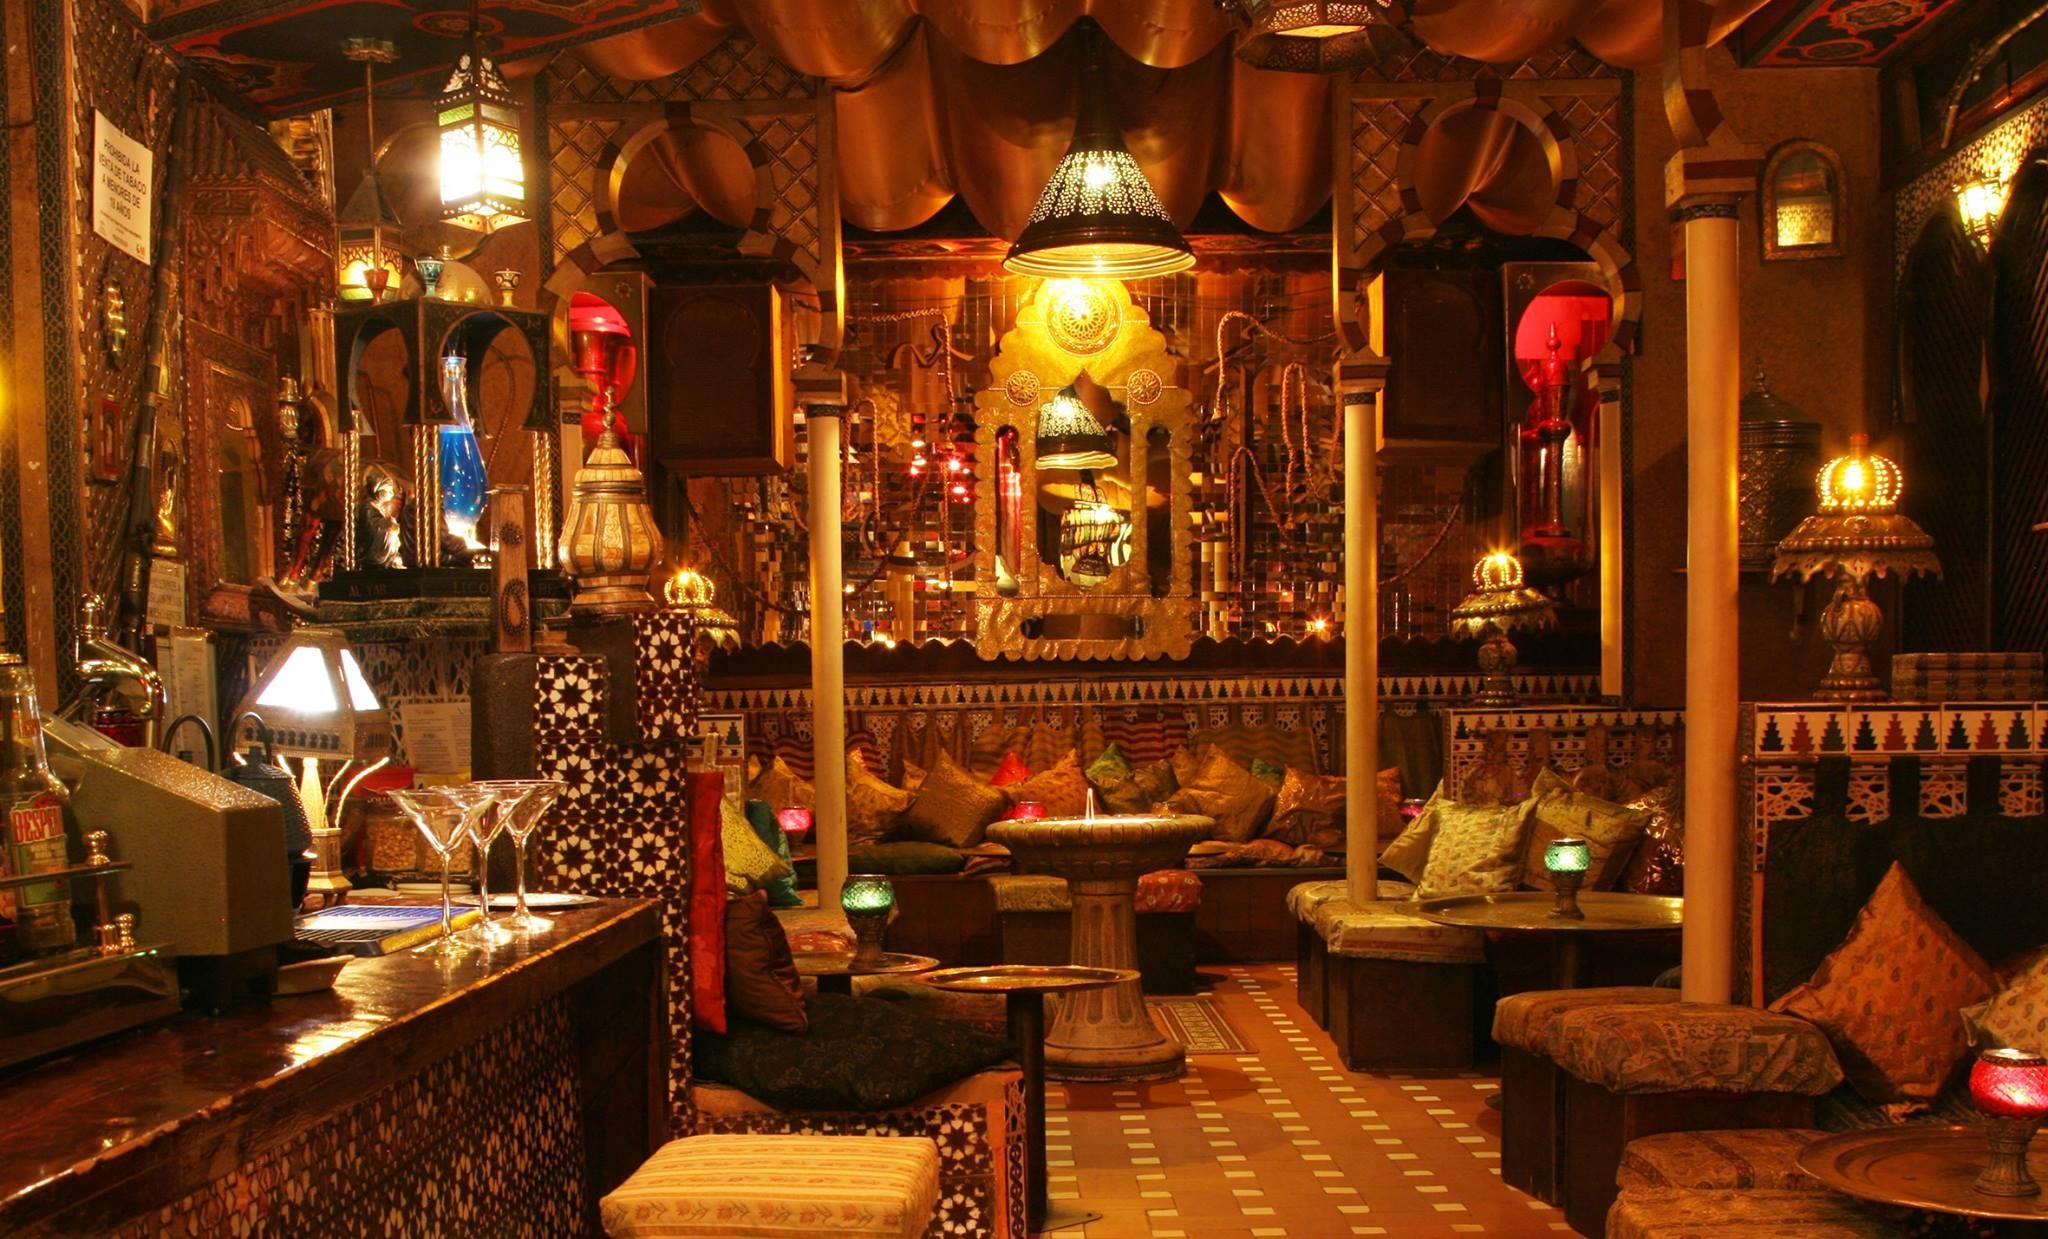 mejores tés madrid - Al Yabal